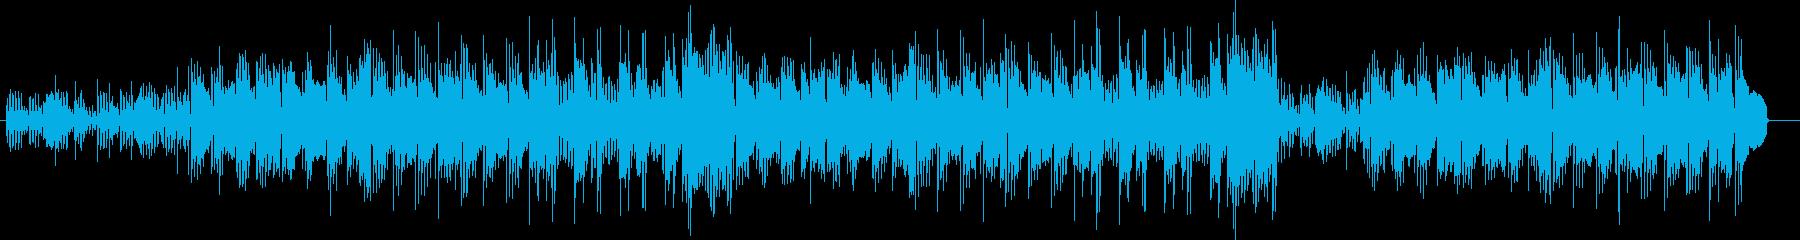 コミカルで懐かしいテクノポップ風BGMの再生済みの波形